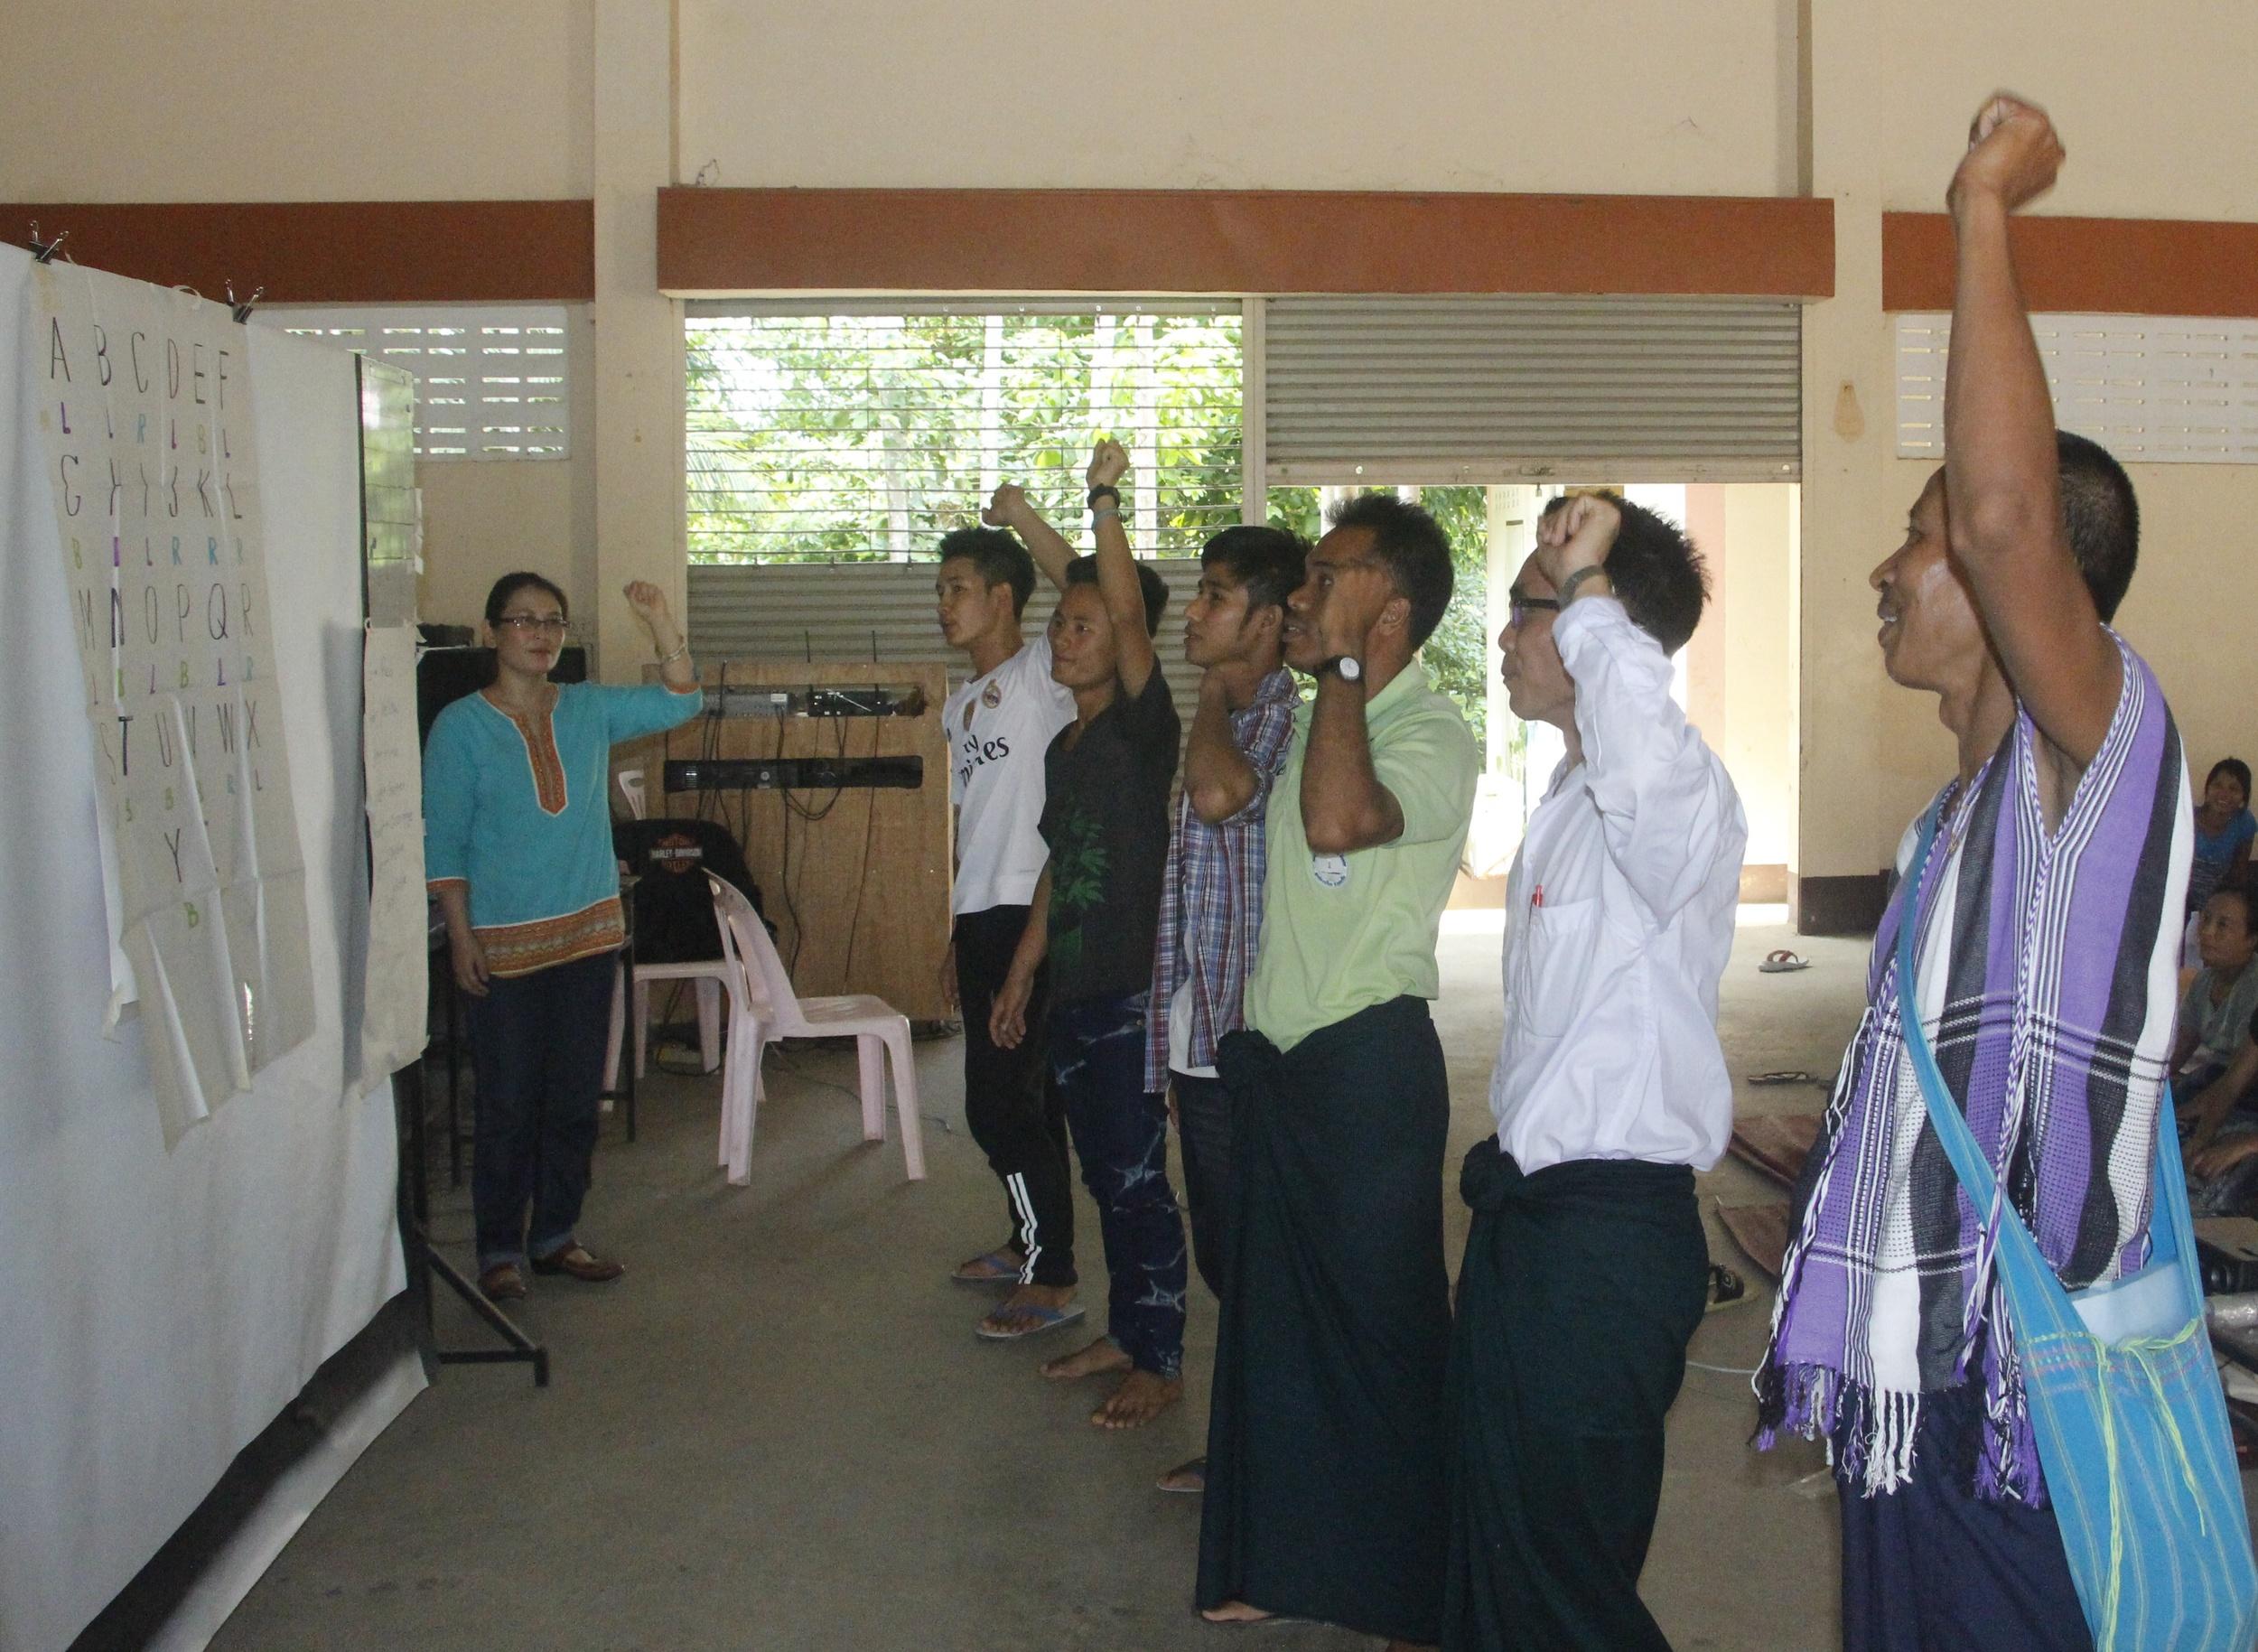 由當地教育工作者 Muetae 老師擔任培訓講師,在工作坊中引導來自各地的緬甸老師學習。